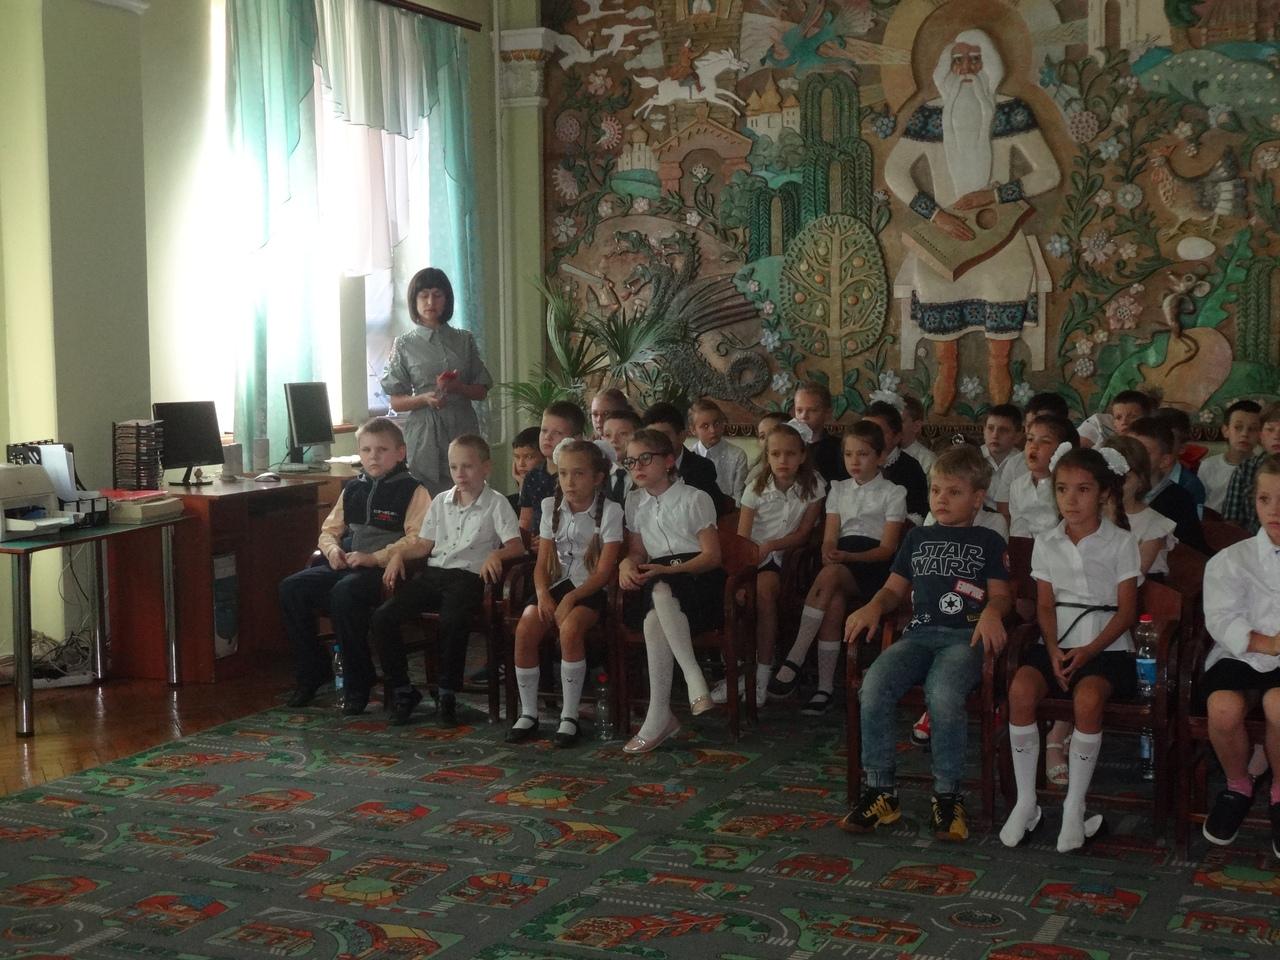 Донецкая республиканская библиотека для детей, занятия с детьми, в библиотеке интересно, отдел обслуживания дошкольников учащихся 1-4 классов, патриотическое воспитание детей